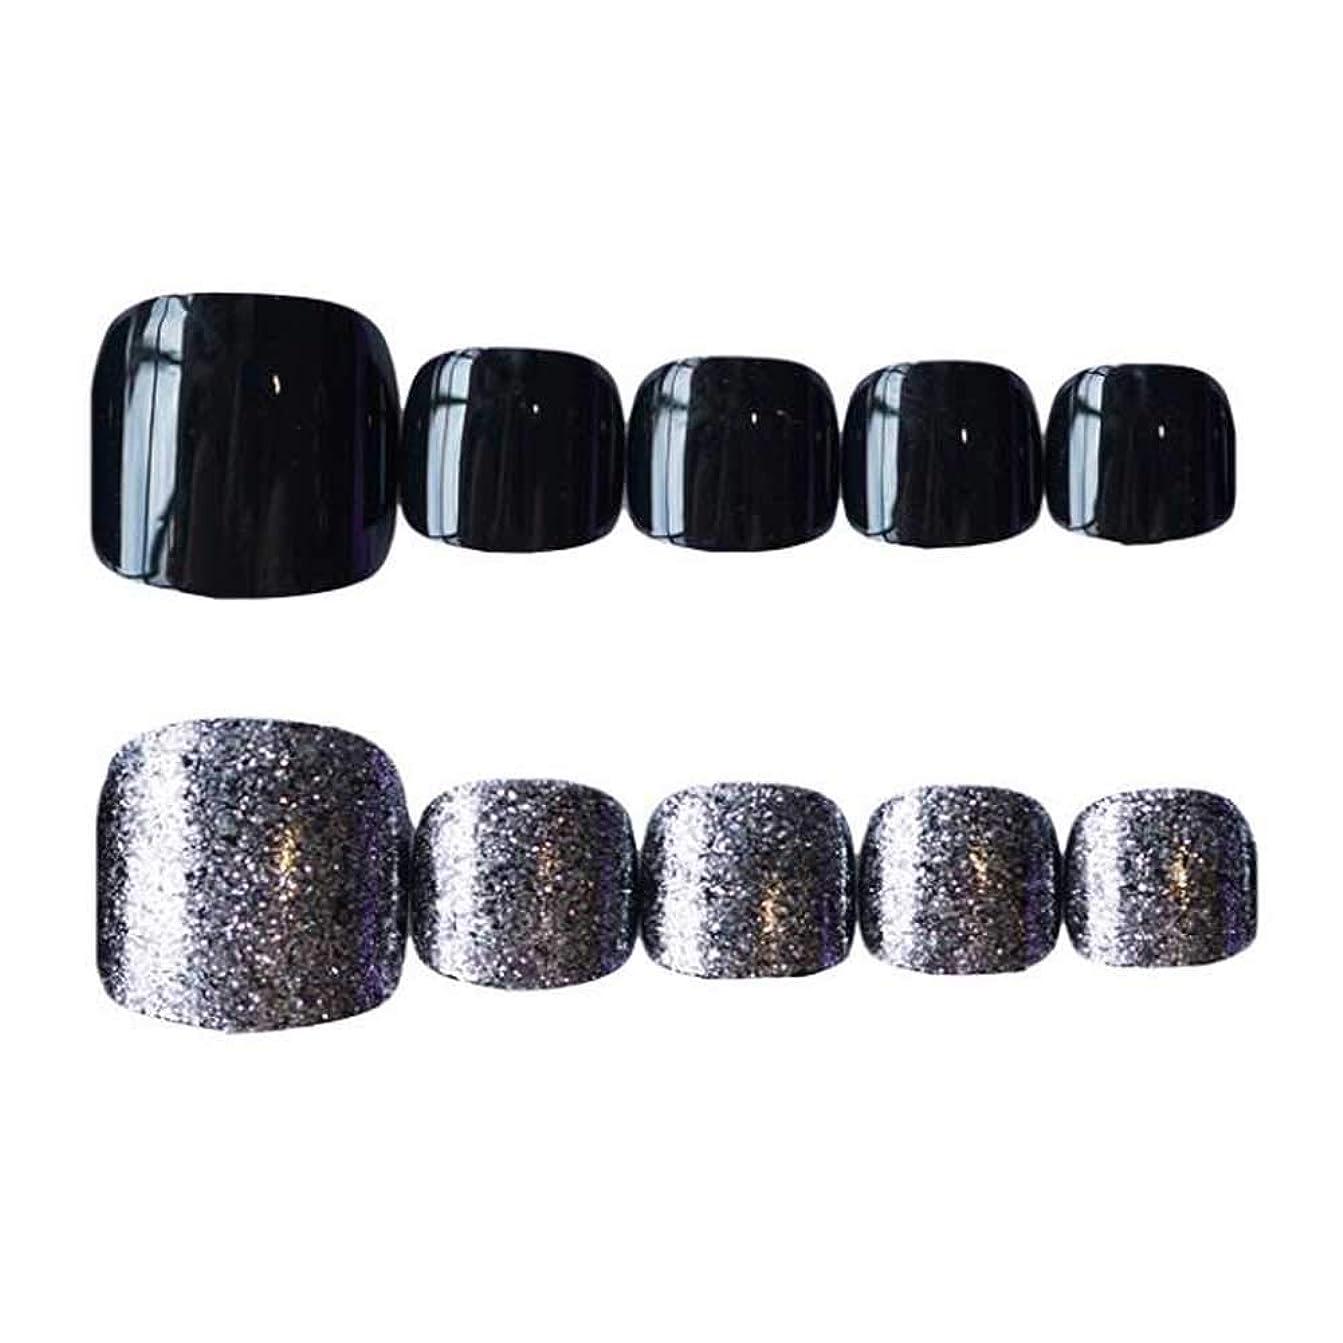 適合する不透明な累計シルバー/ブラックパーティー偽爪人工偽爪ヒント装飾ネイルアート